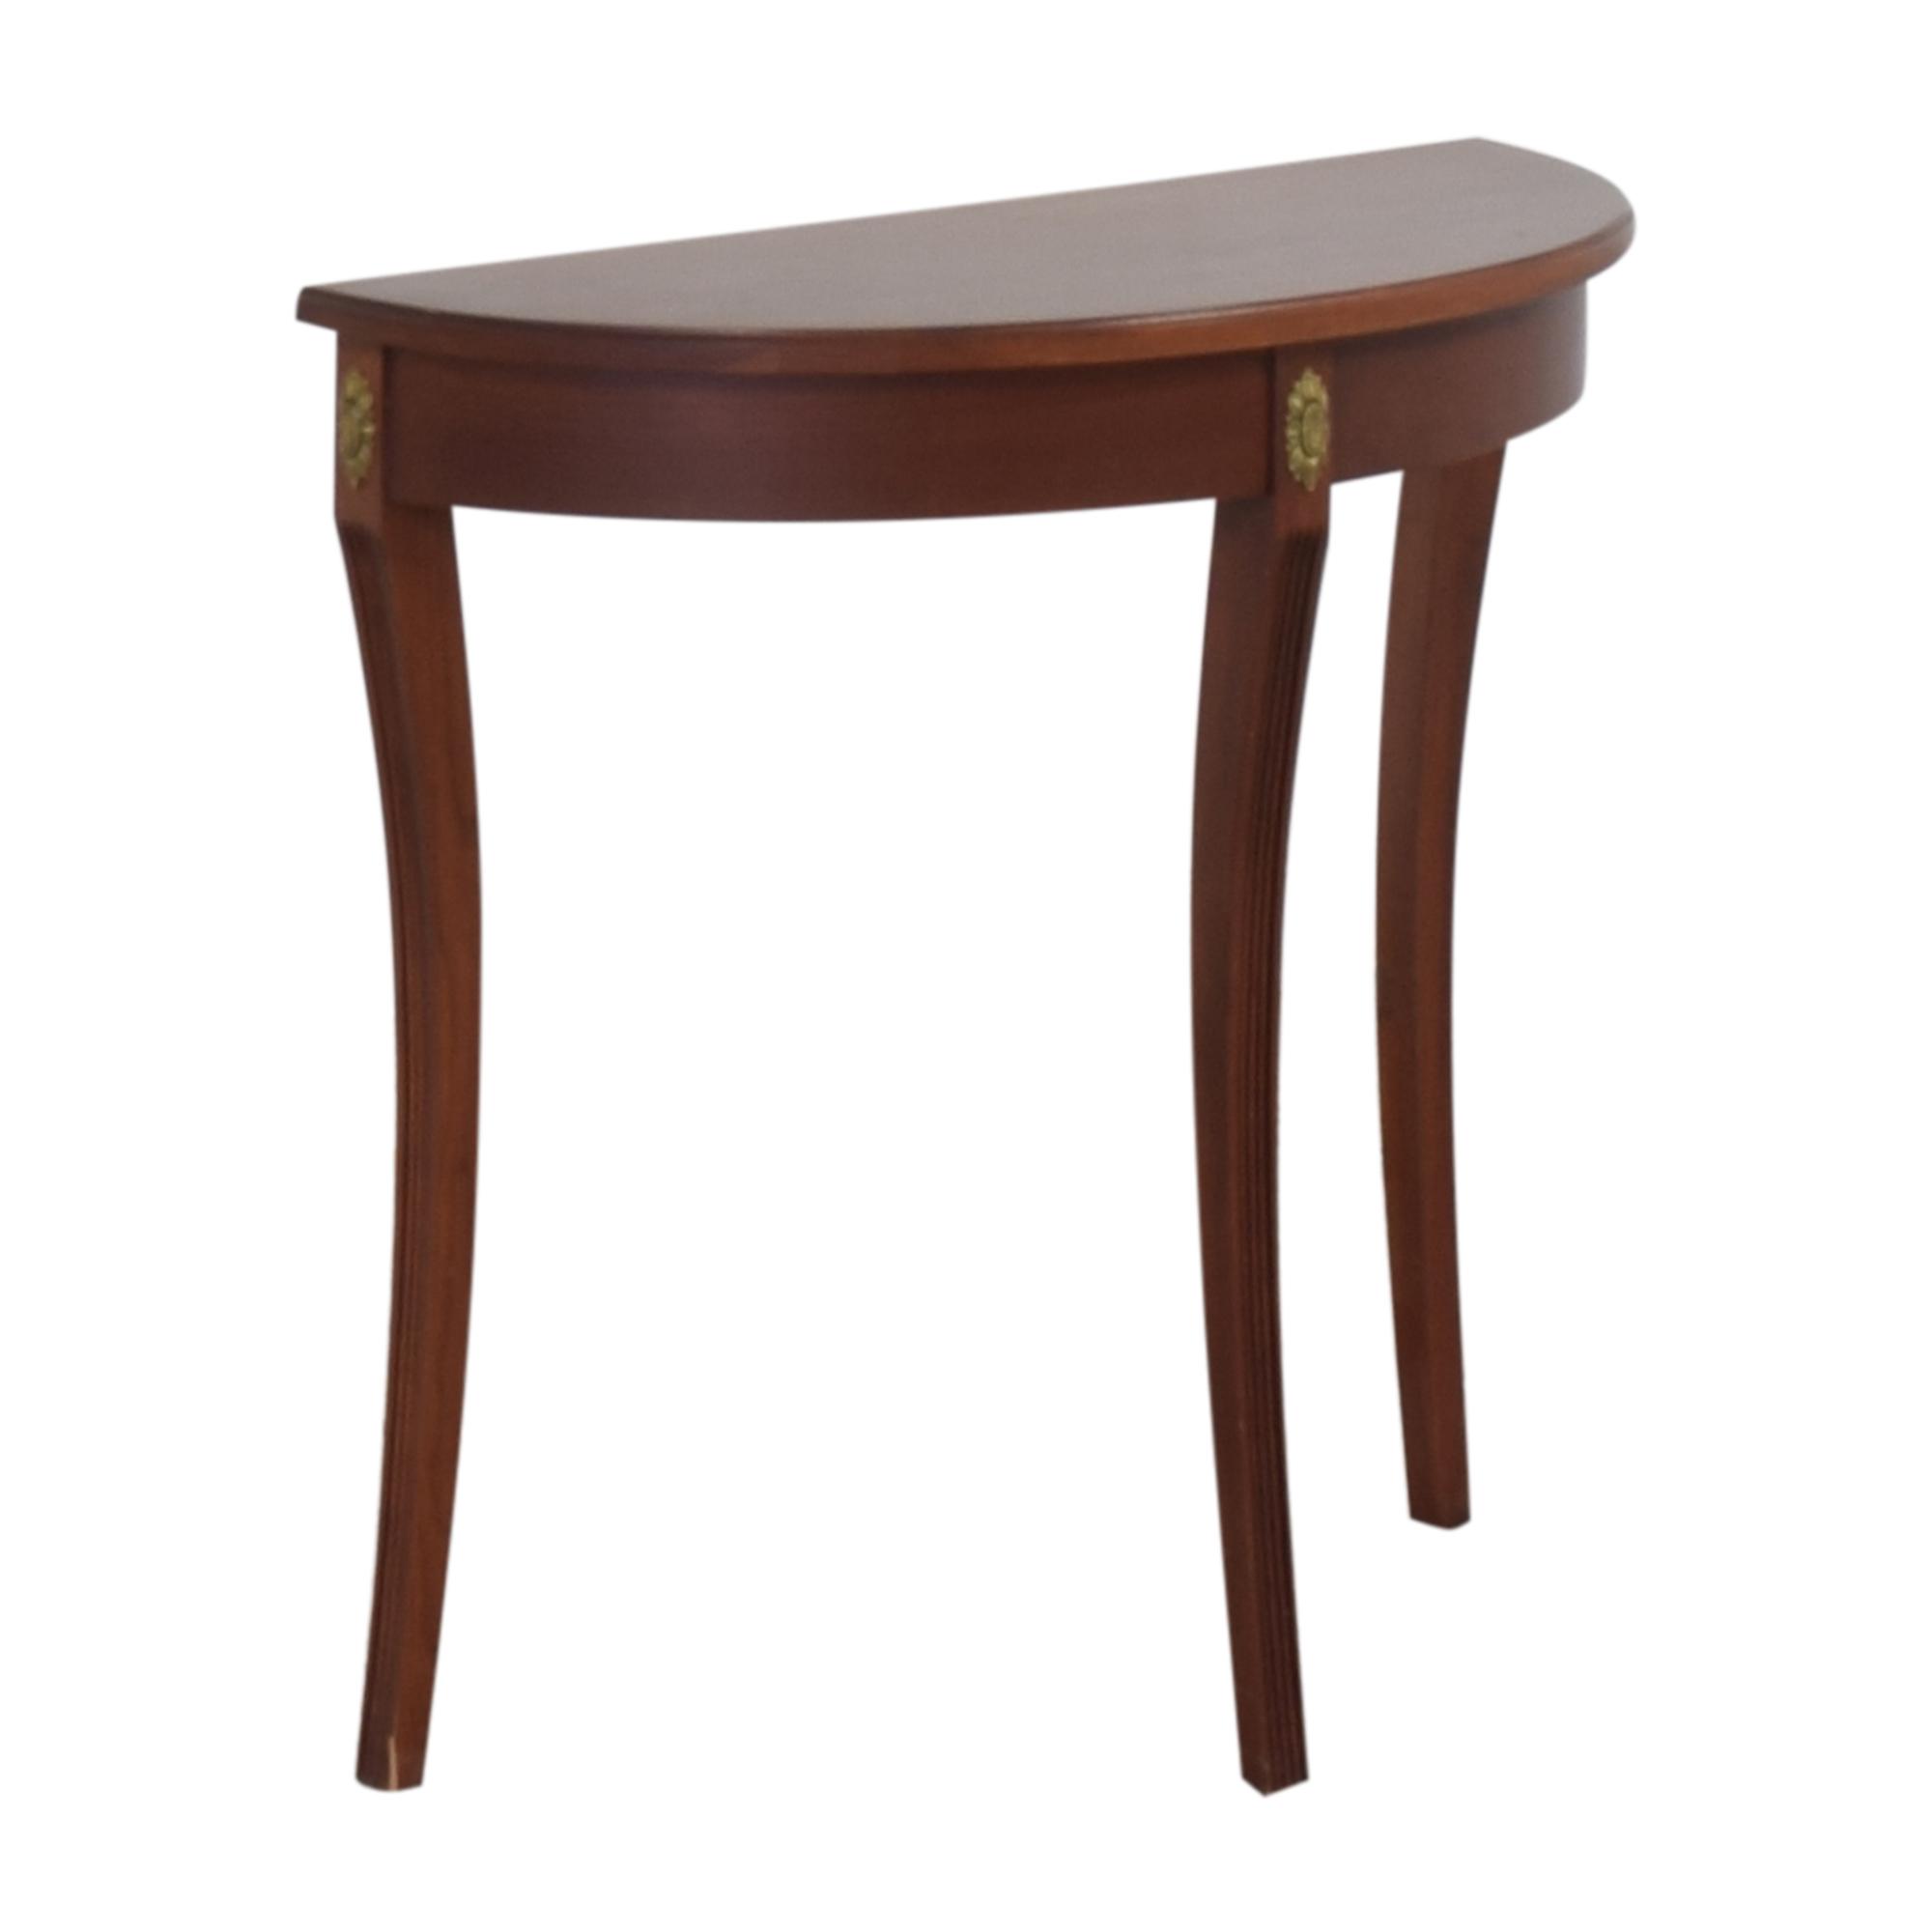 buy Ethan Allen Demilune Console Table Ethan Allen Tables